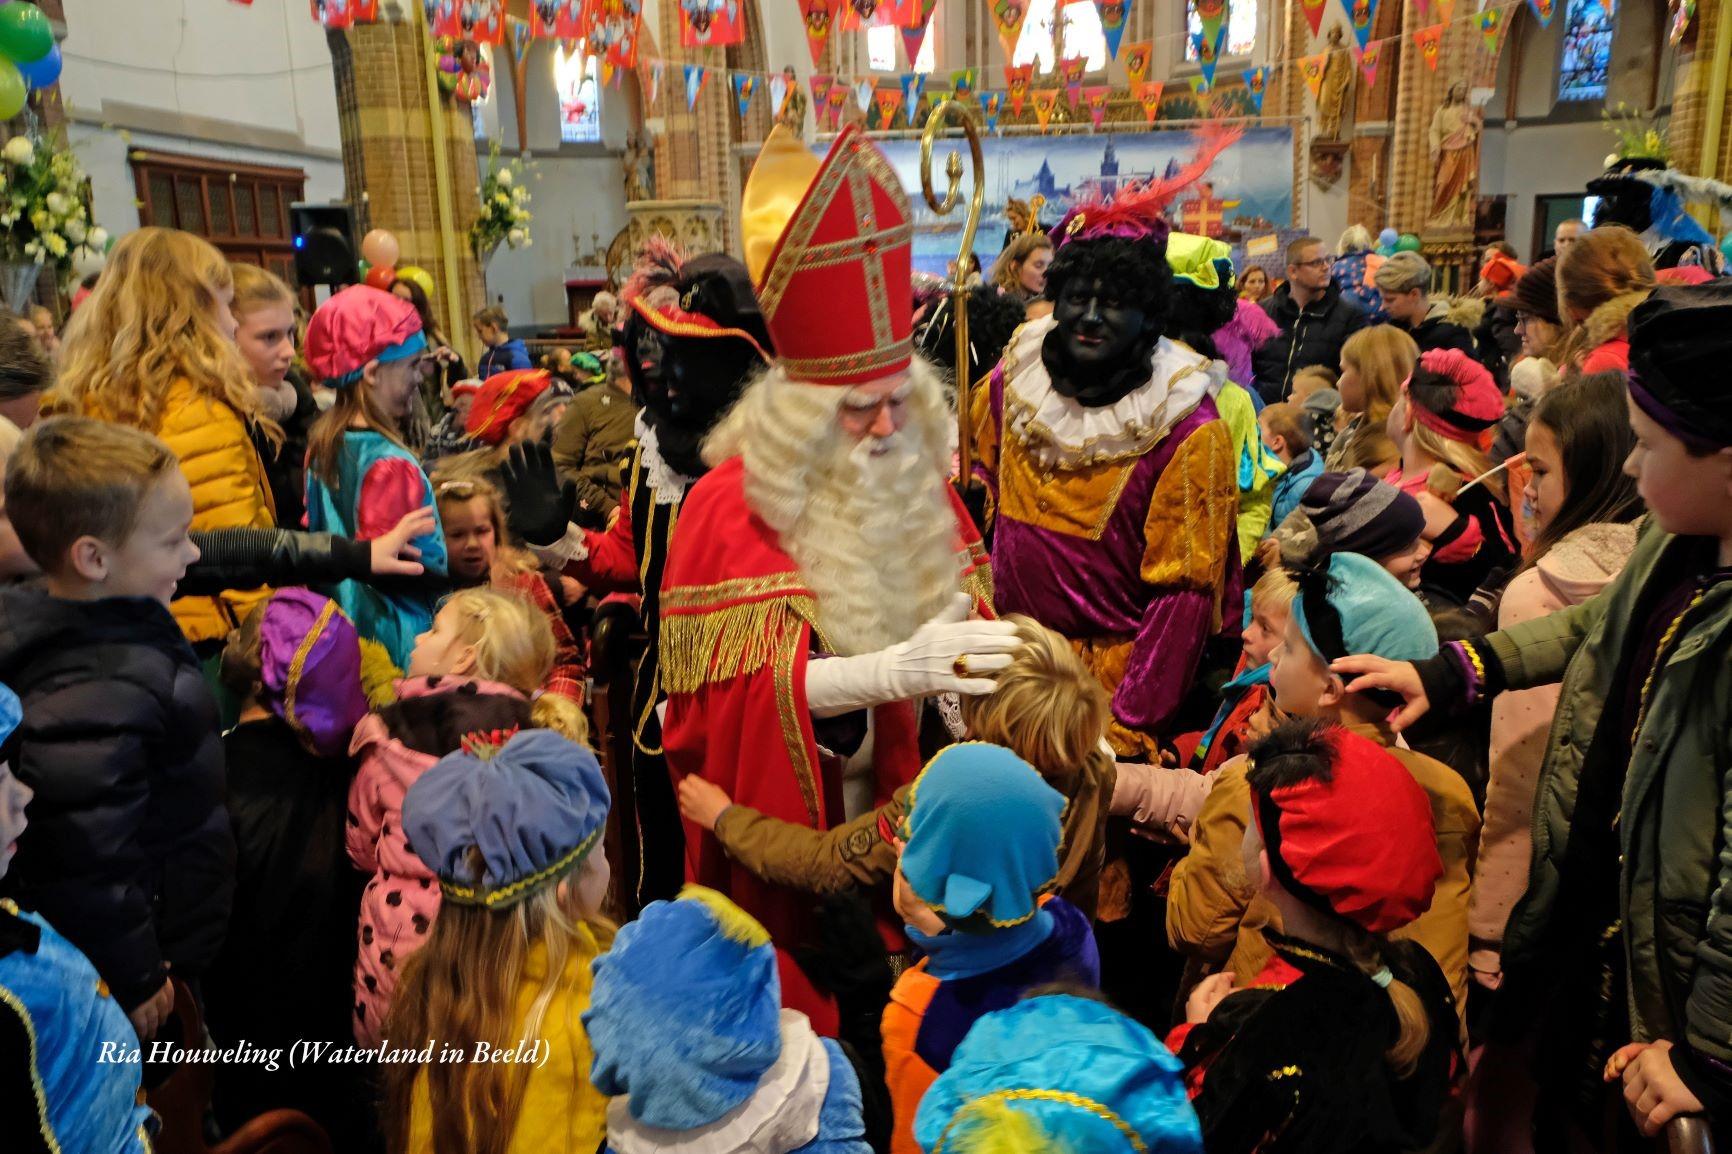 Traditiegetrouw wordt Sinterklaas uitgezwaaid vanuit Monnickendam. (Foto: Ria Houweling-Bouwman)